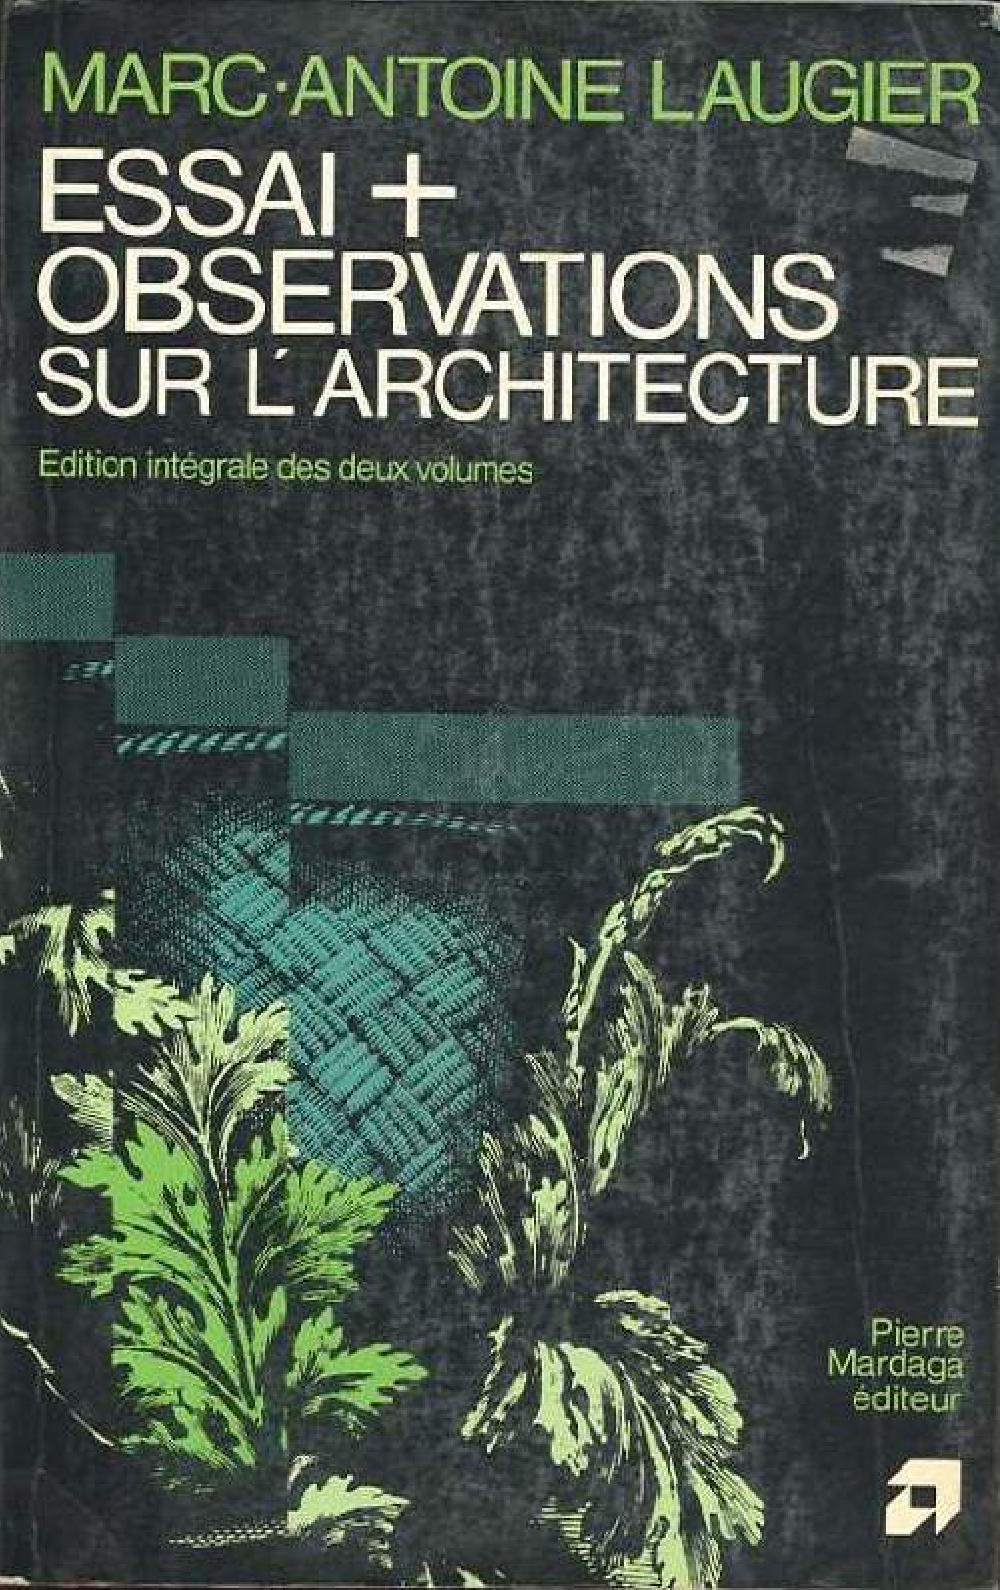 Essai + Observations sur l'architecture